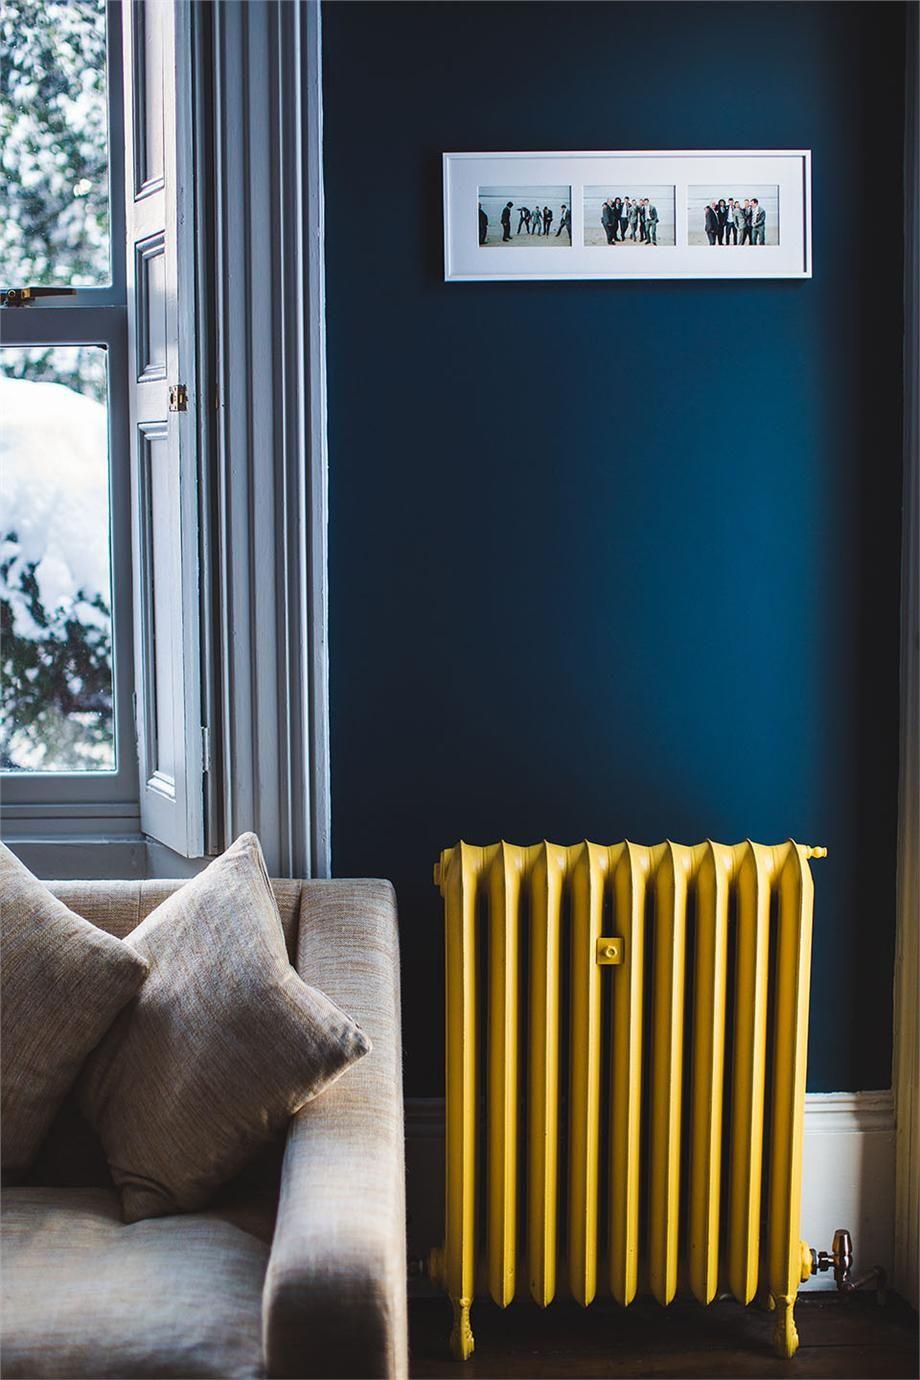 Comment intégrer les radiateurs dans la déco ? | Living ○ Dans ...